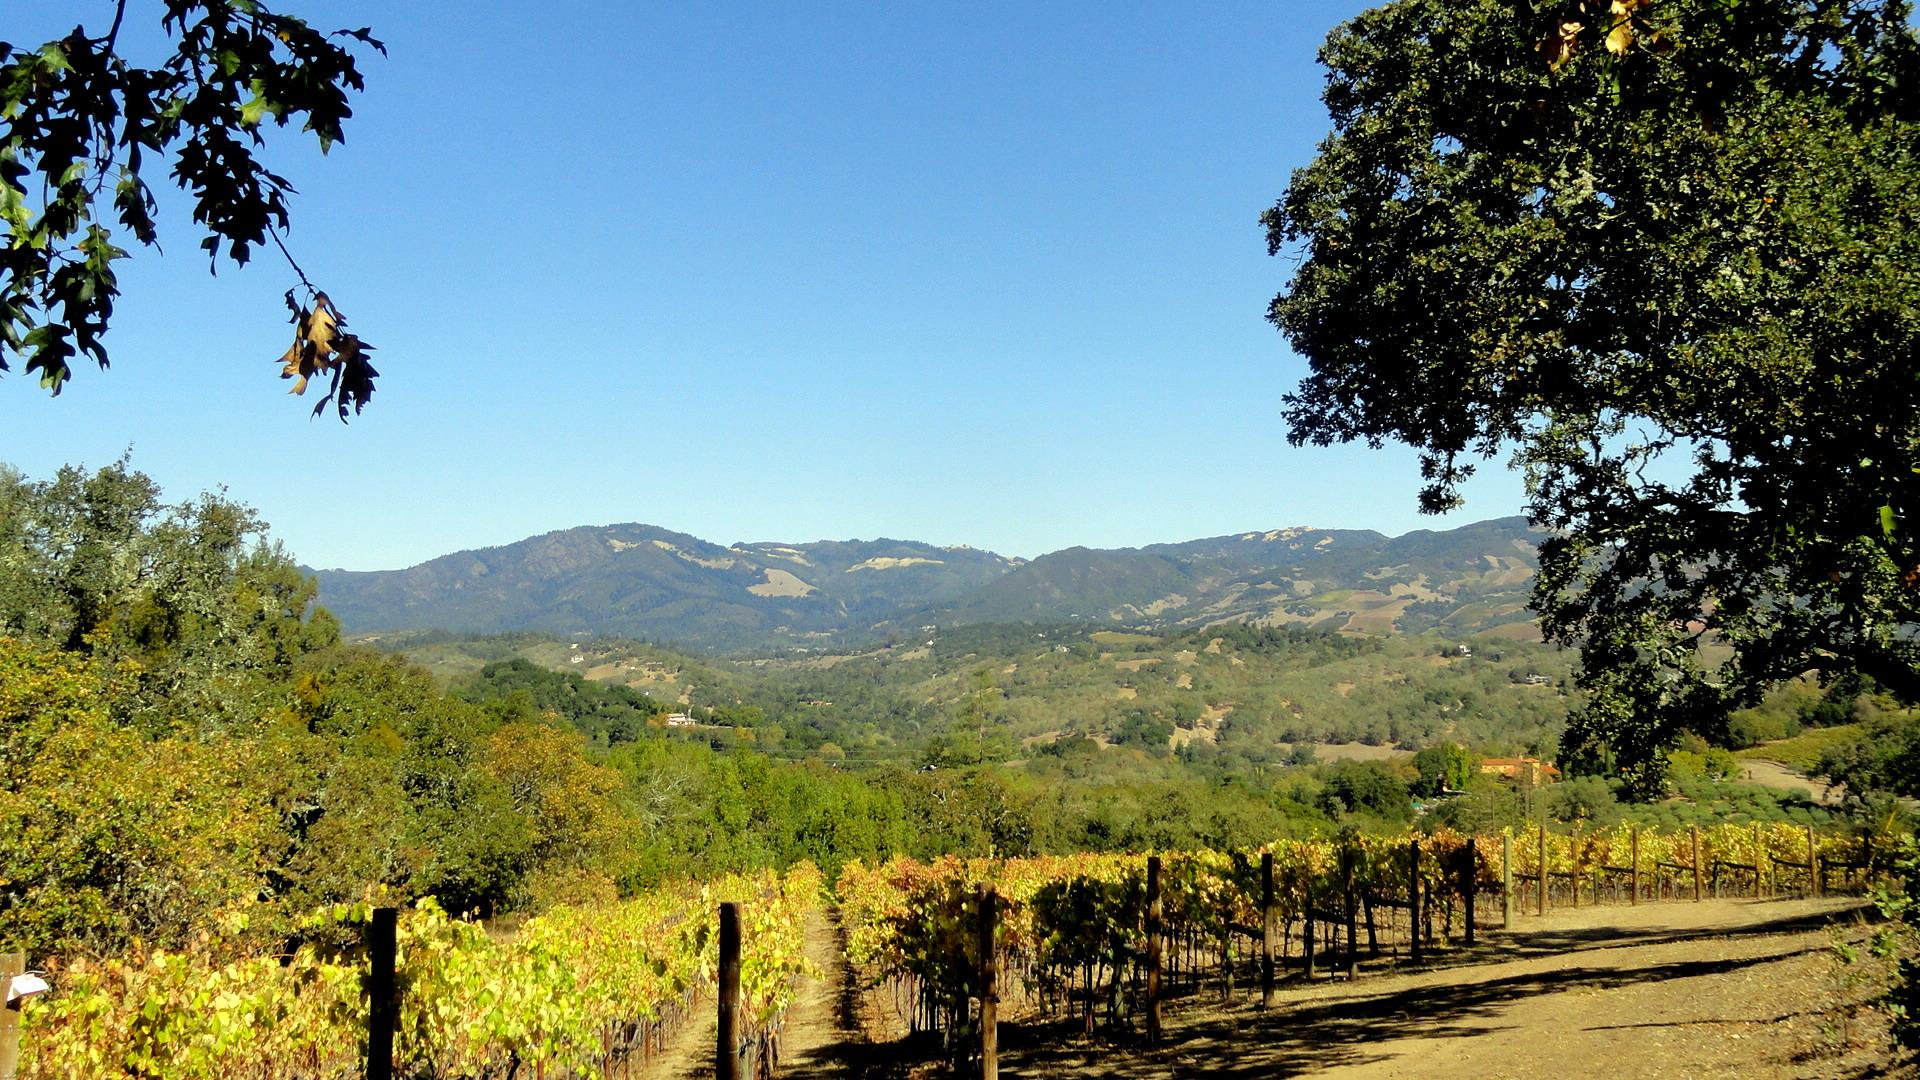 Bennet Valley Vineyard & Mtns